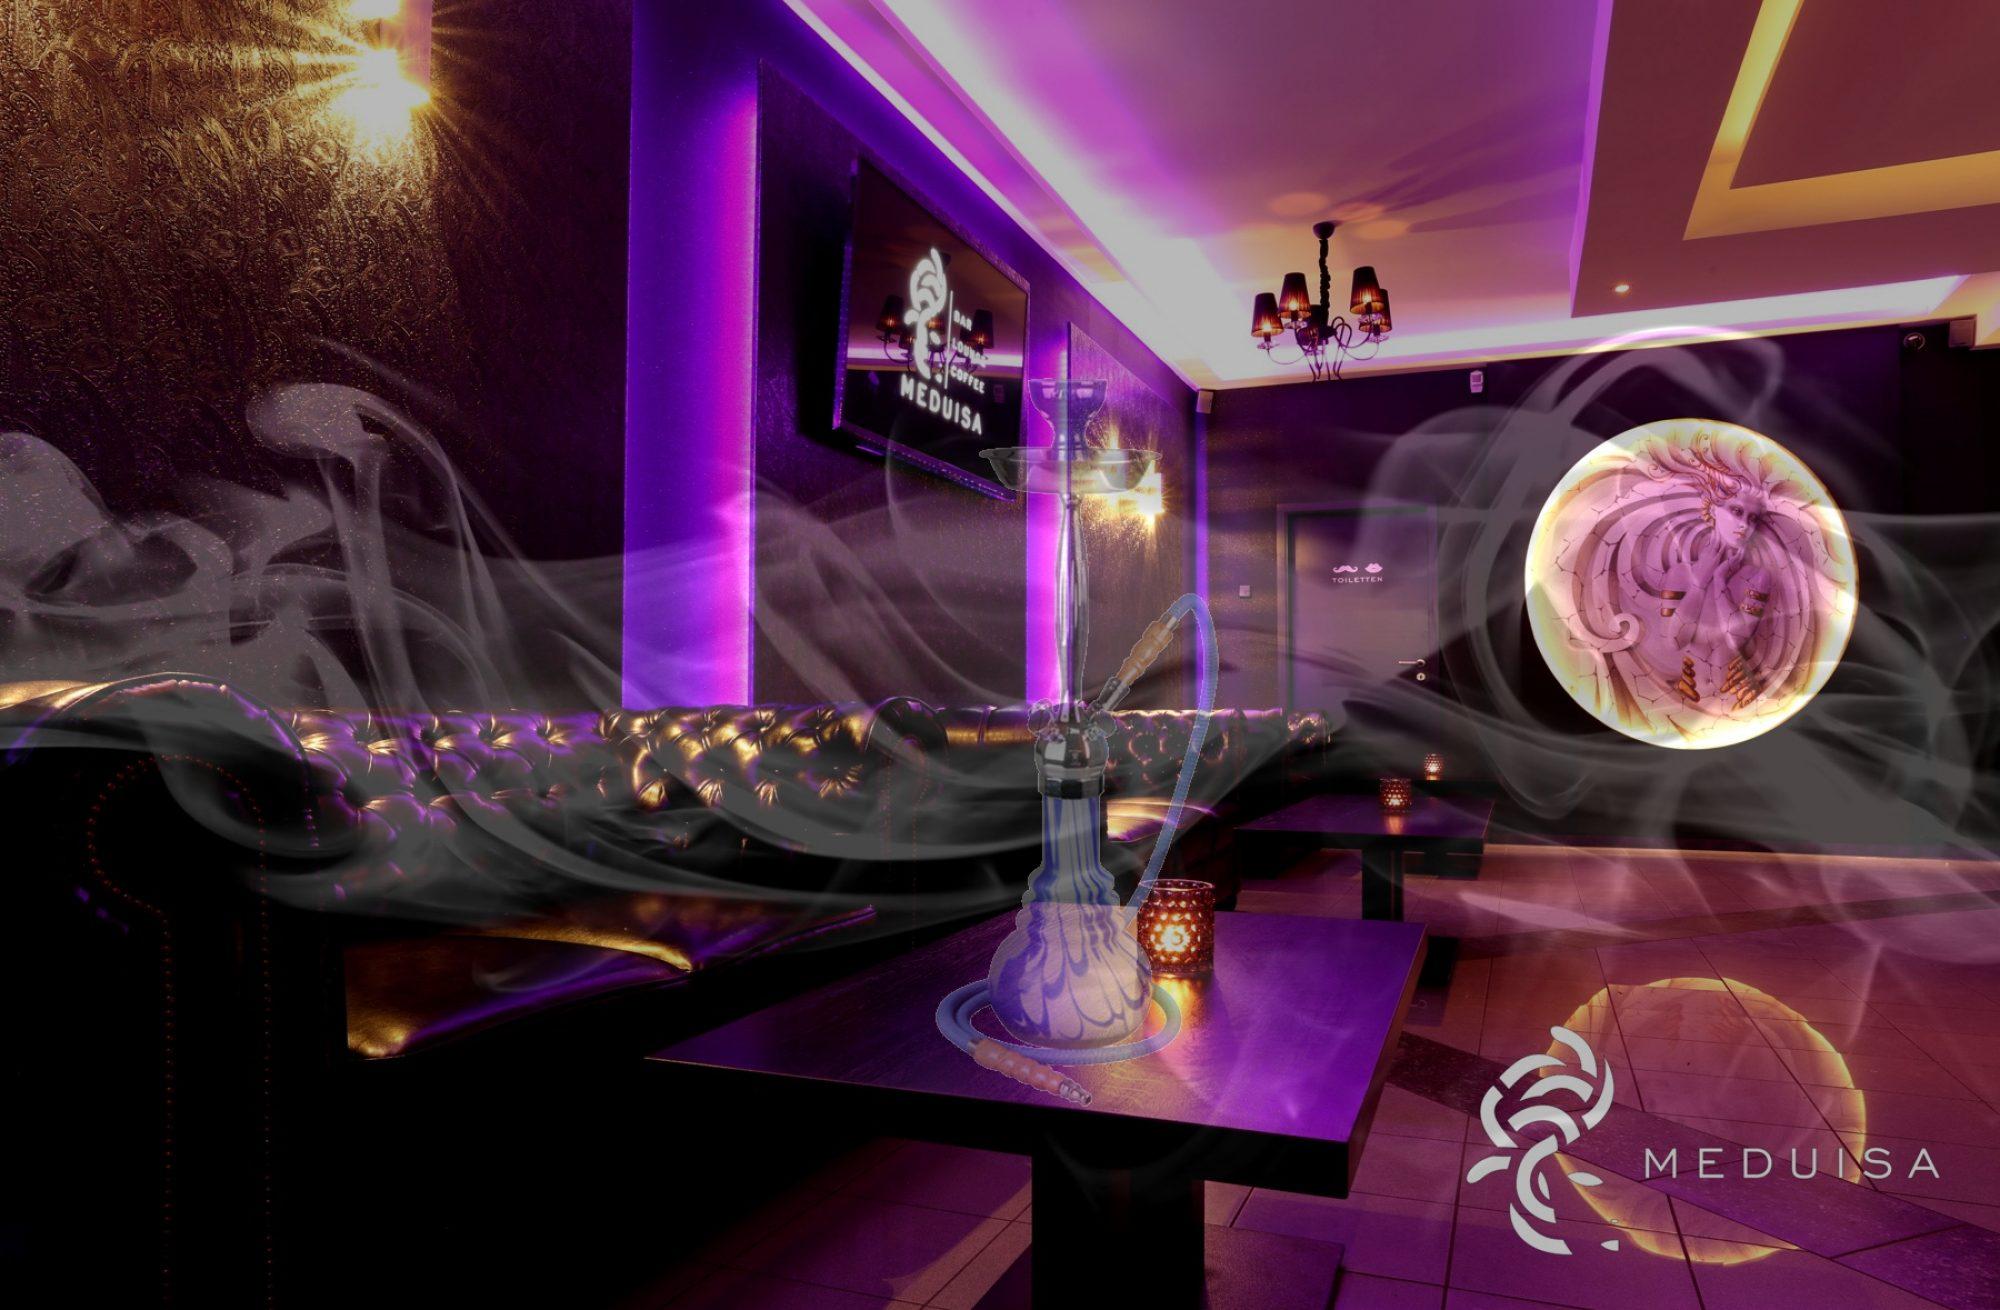 Meduisa Shisha Lounge